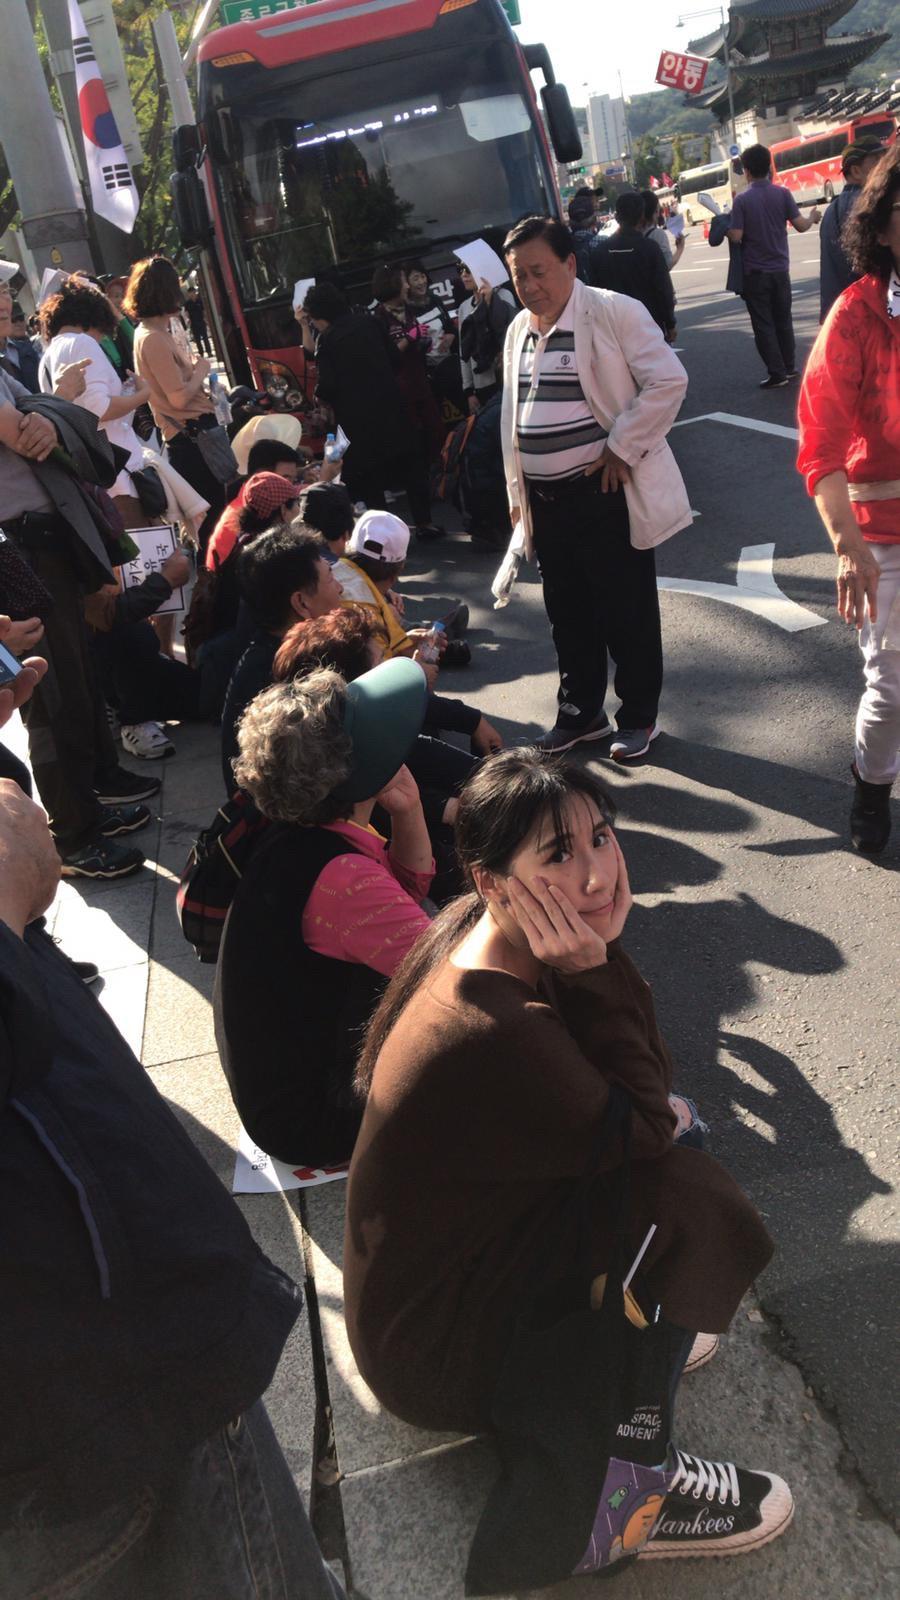 ▲這次旅途遇上抗議活動,讓瑤瑤留下難忘經驗。